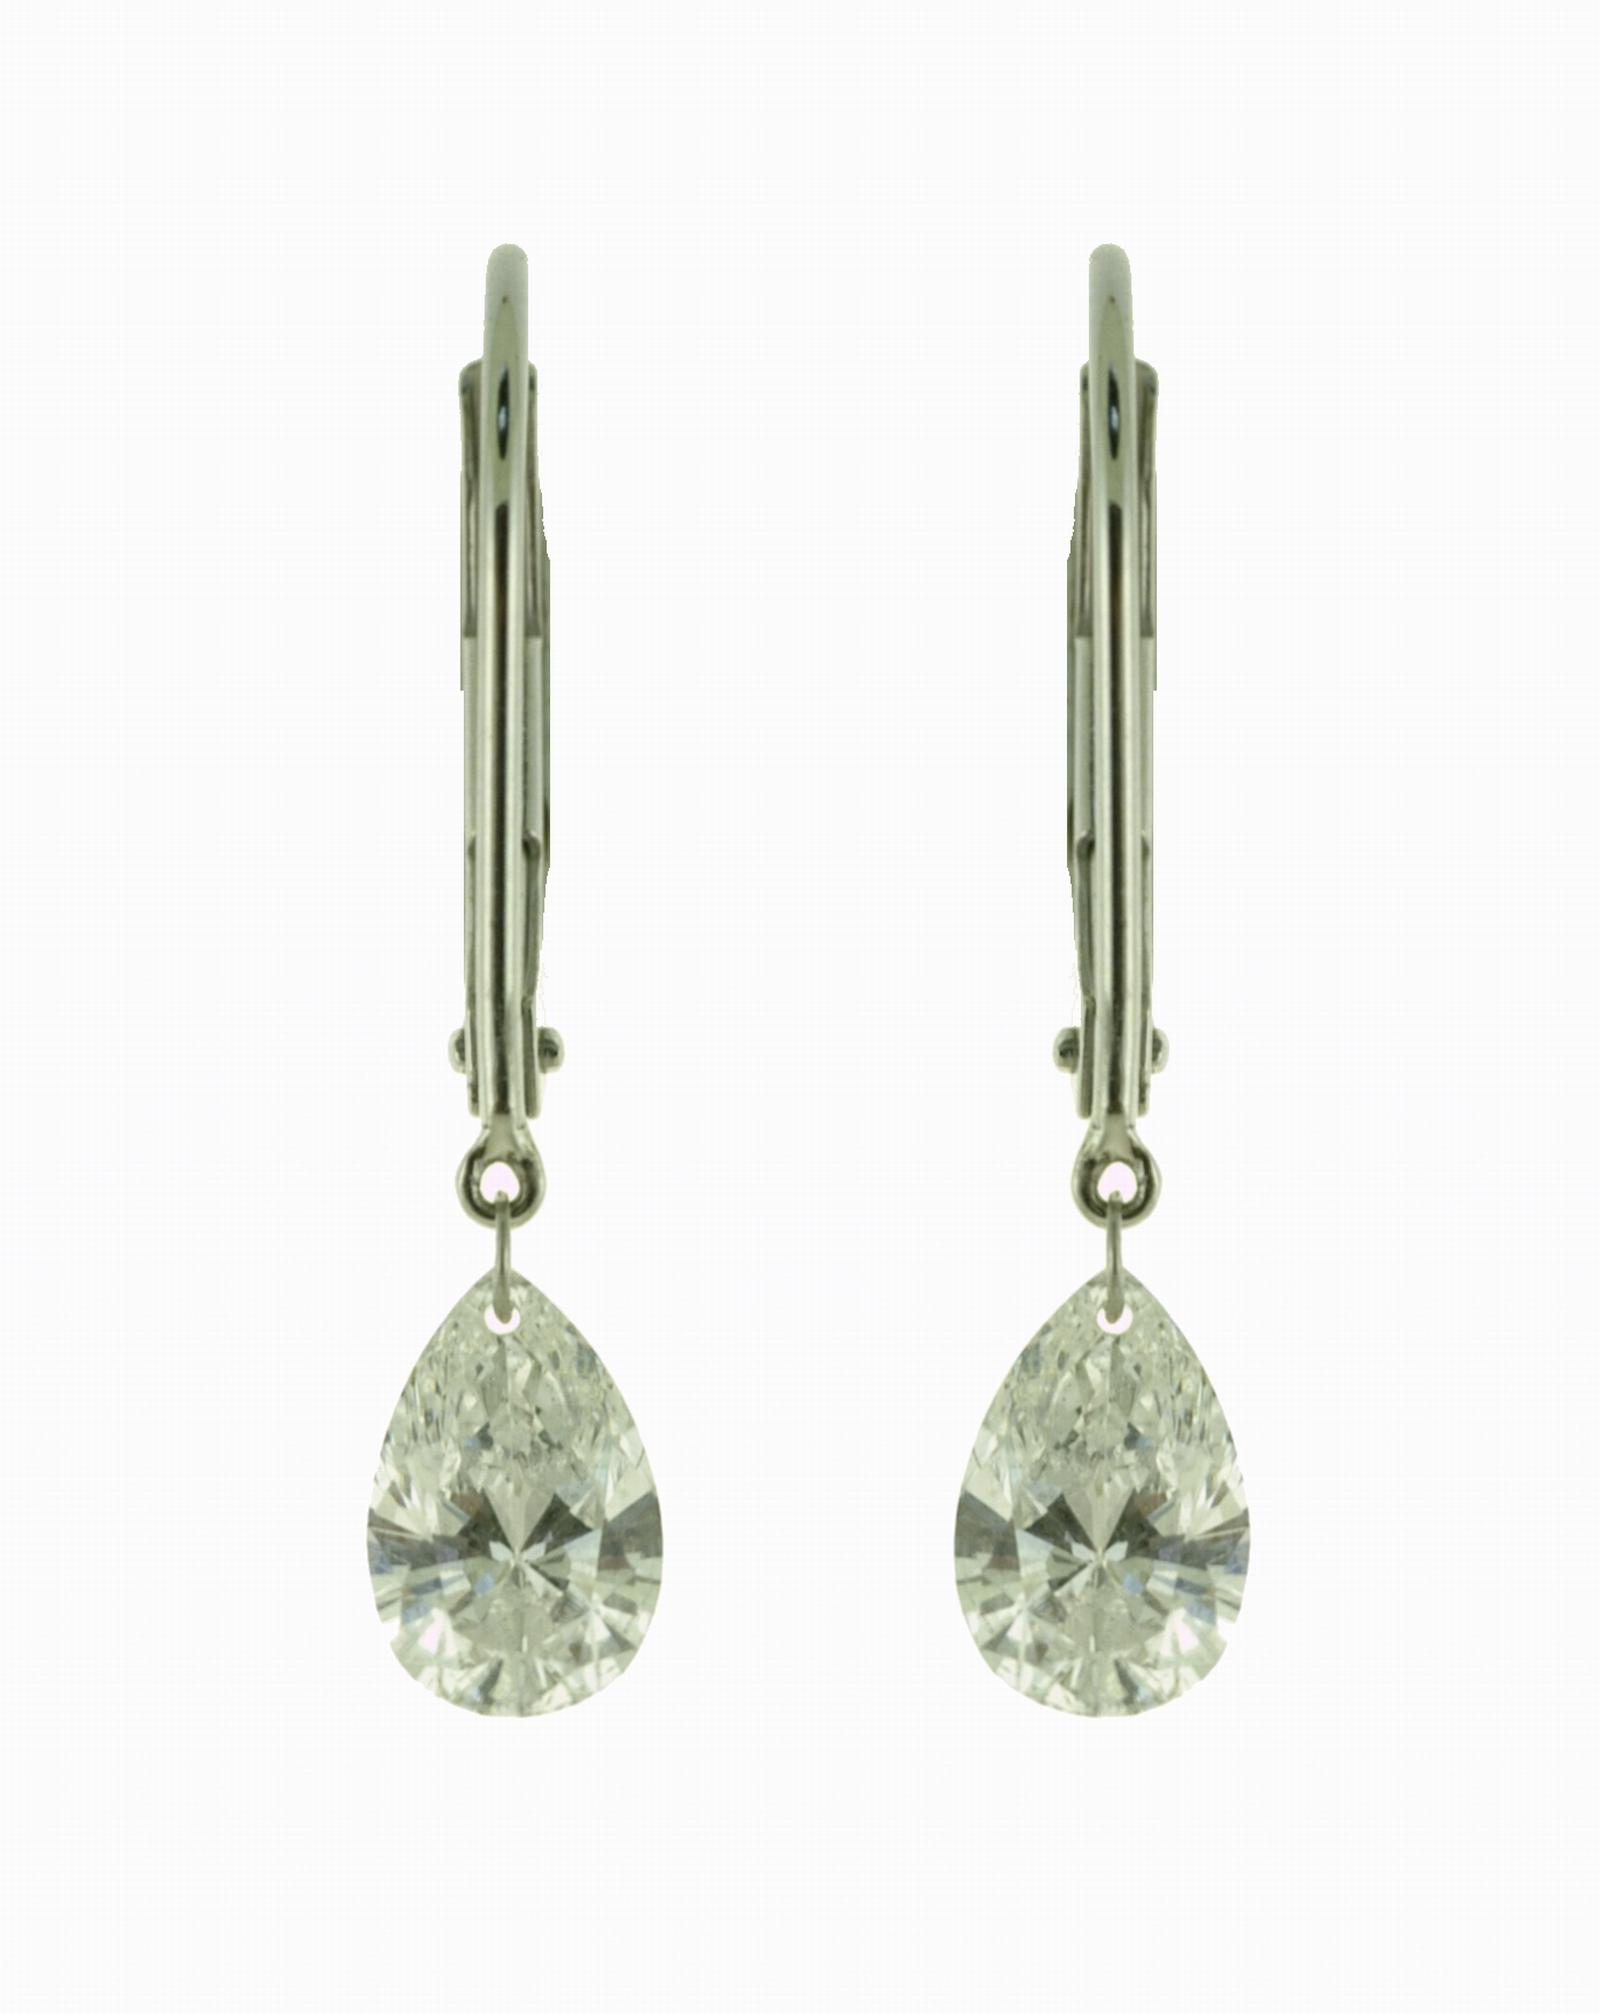 Floating Diamond Earrings 1ctw